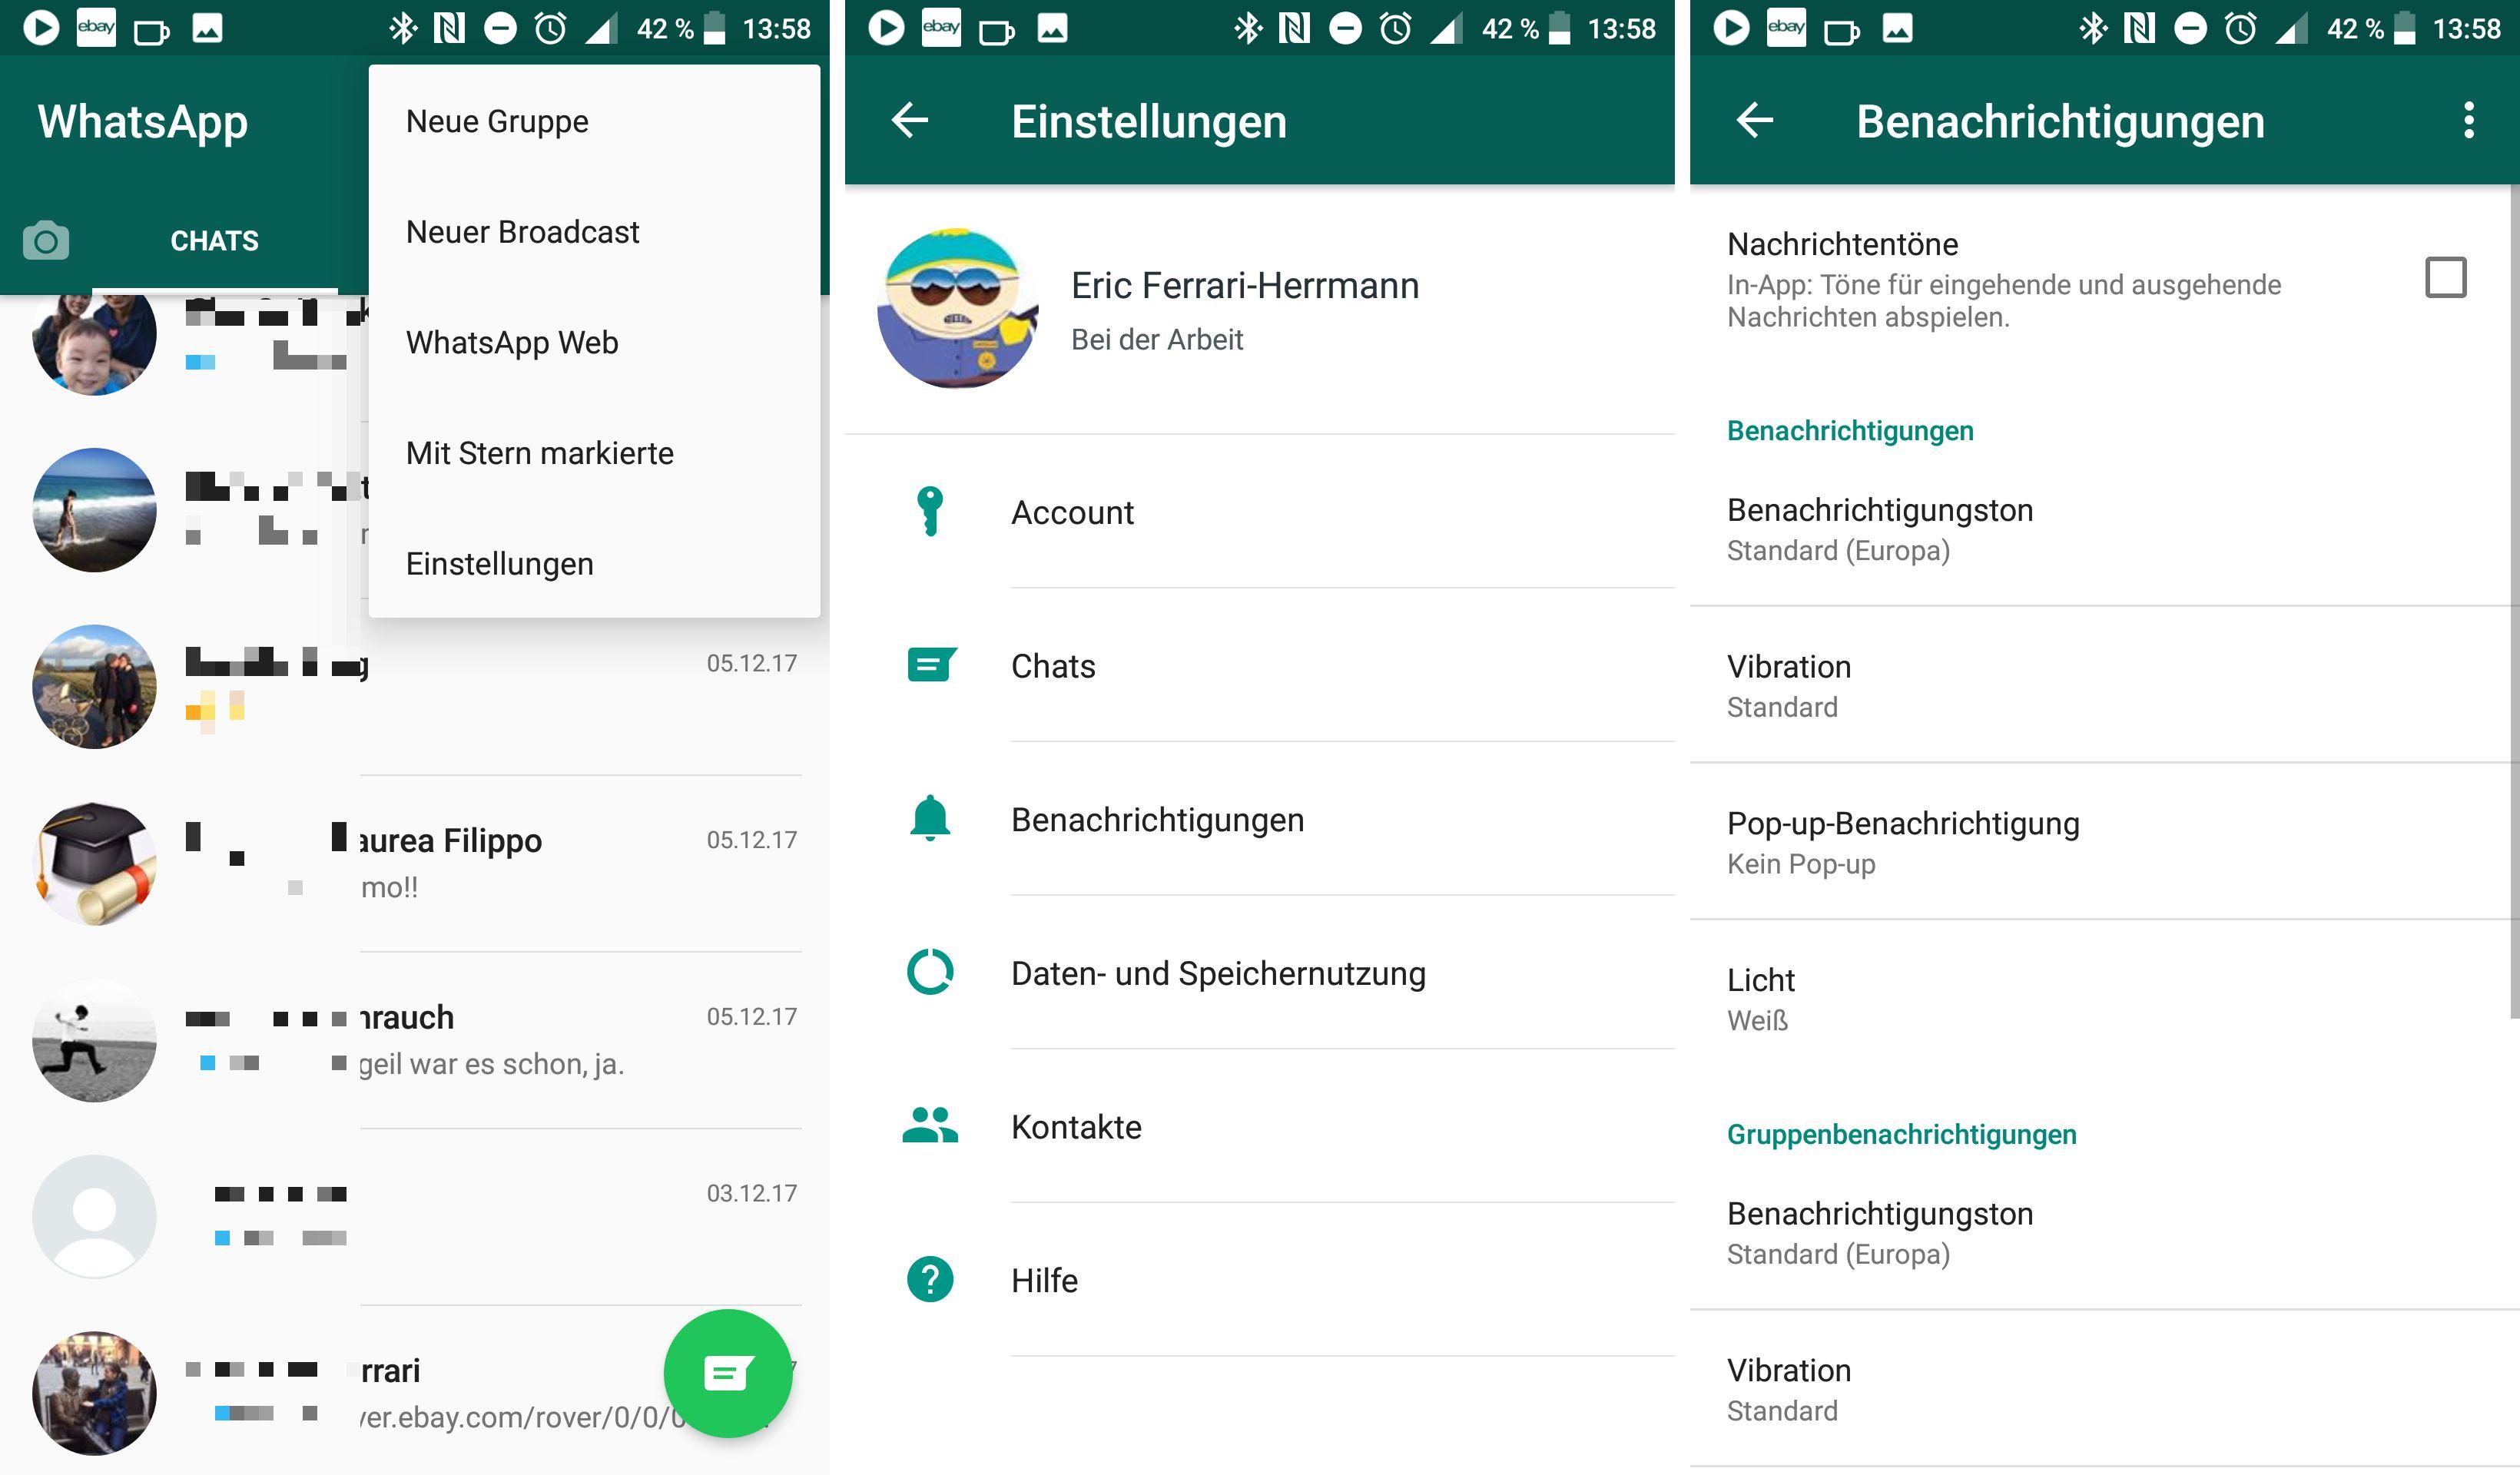 Whatsapp nachrichten symbole